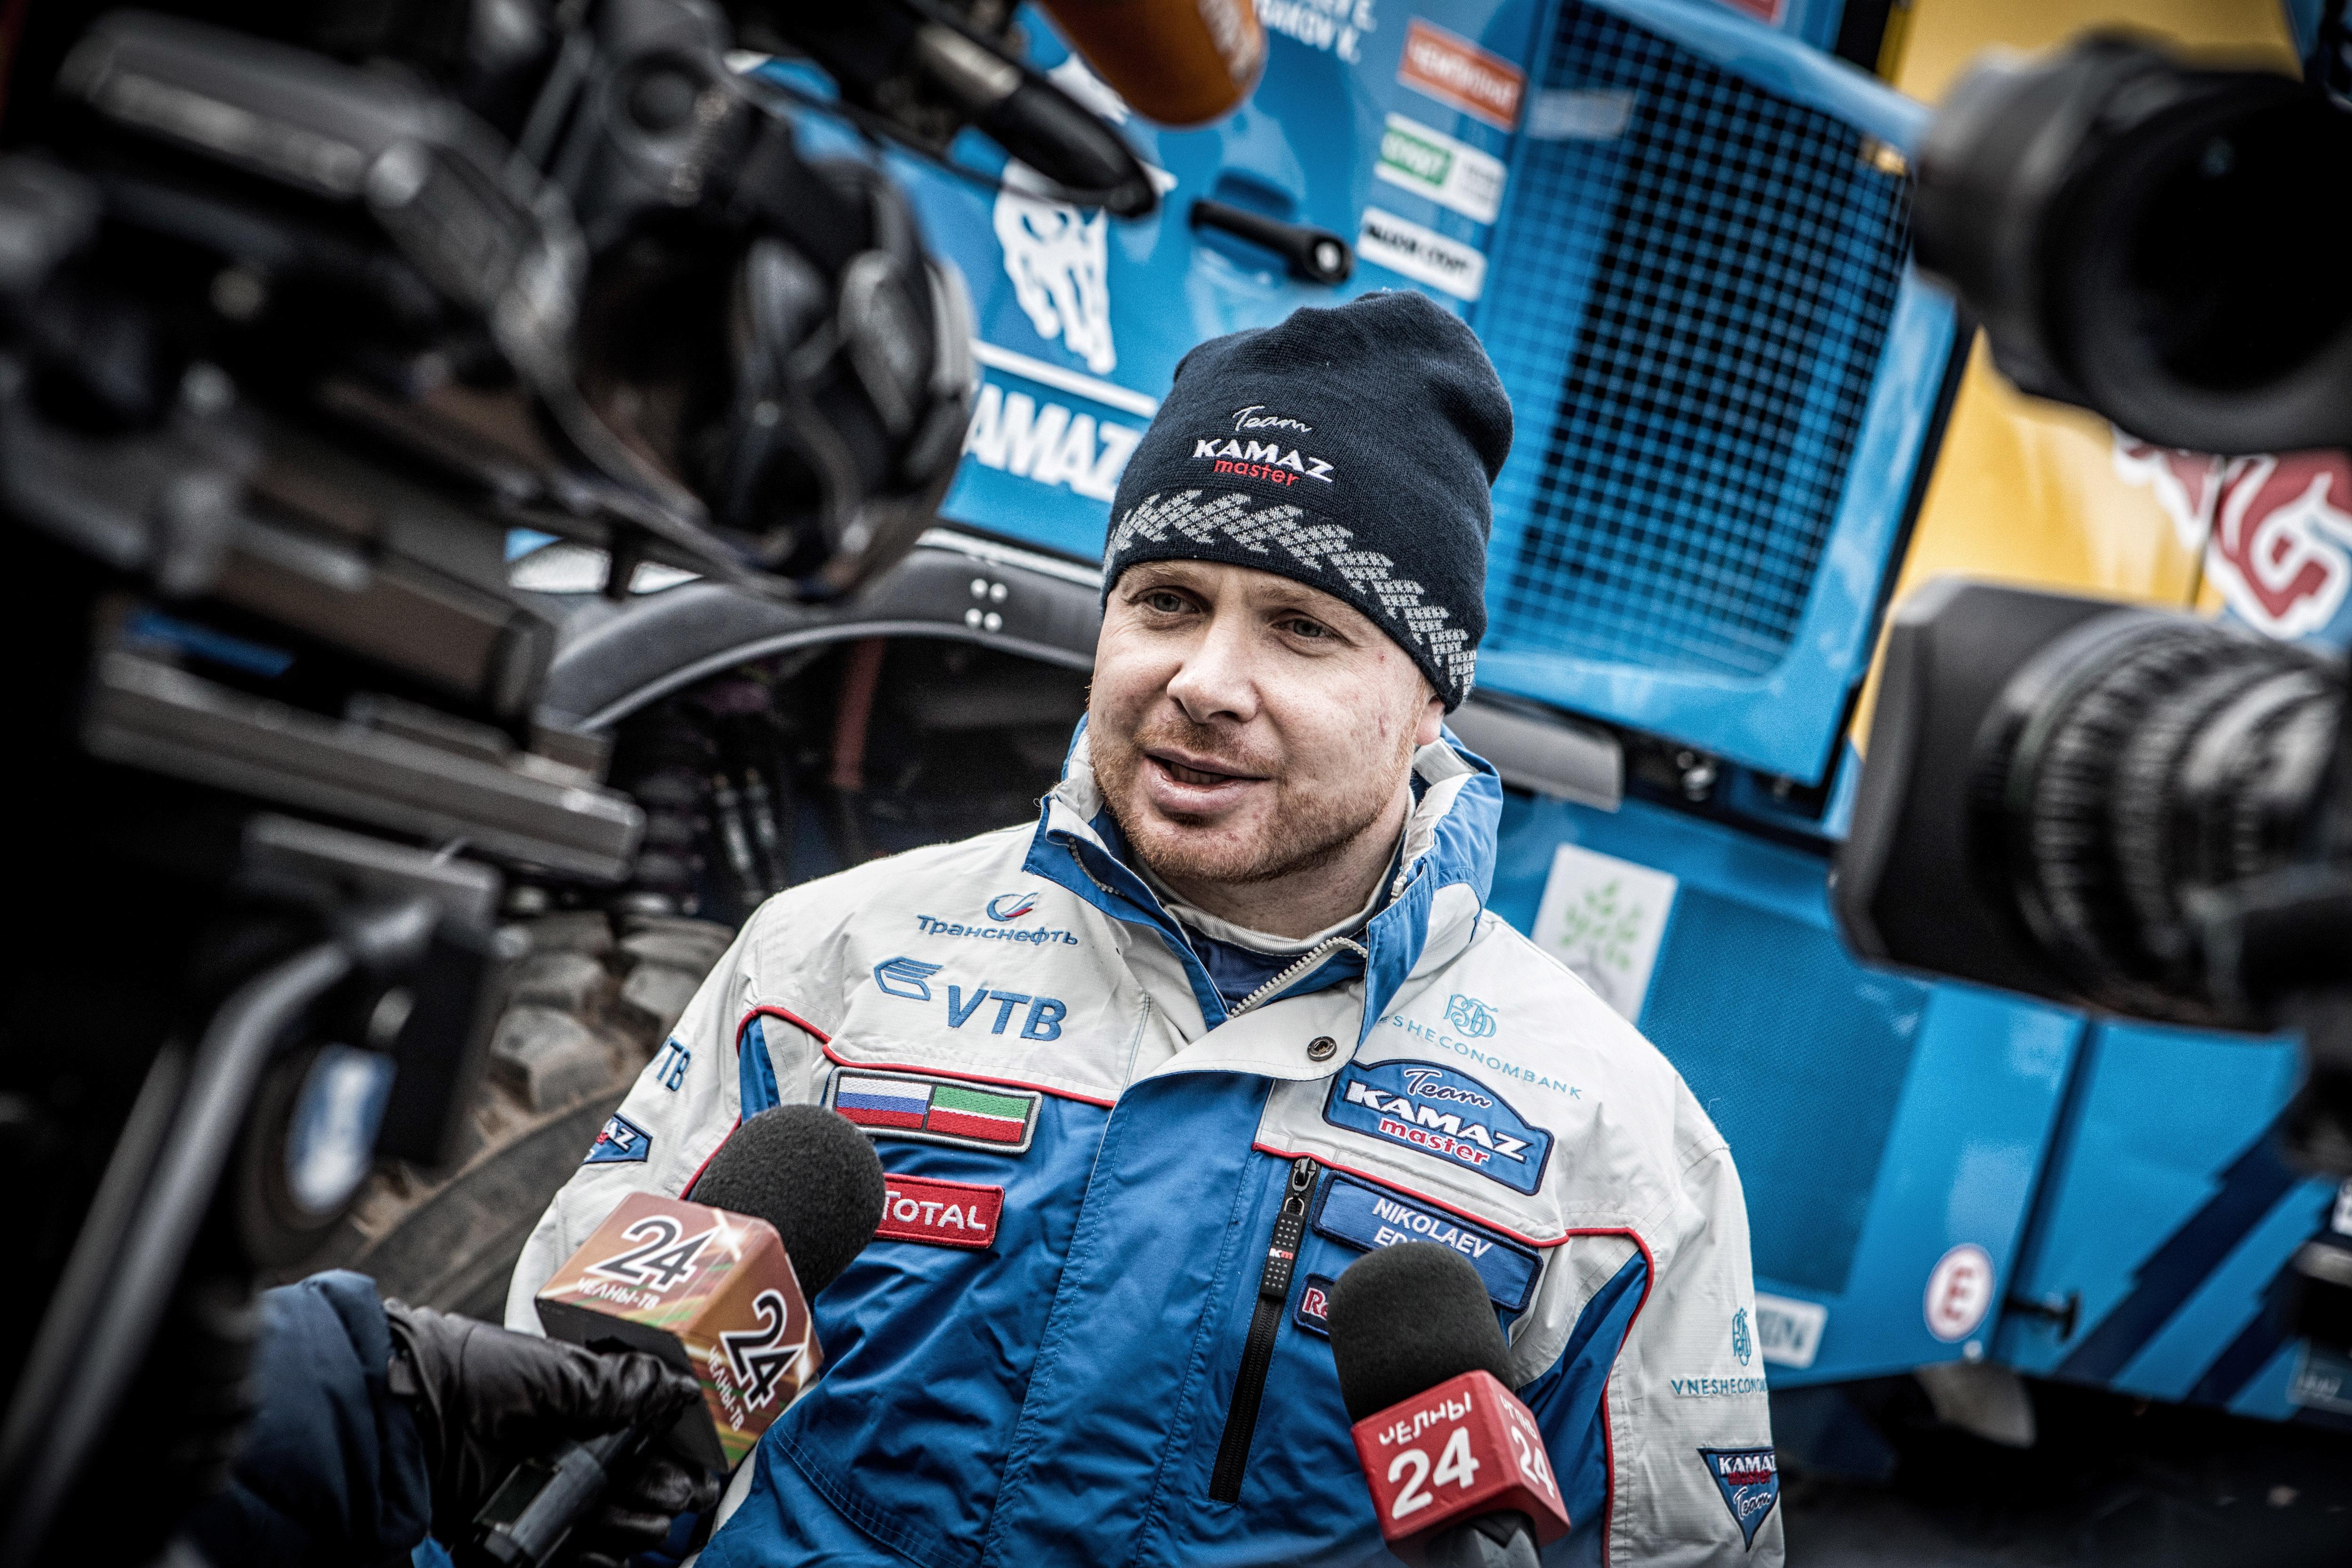 Эдуард Николаев: «Будем стараться удержать наш титул чемпионов»